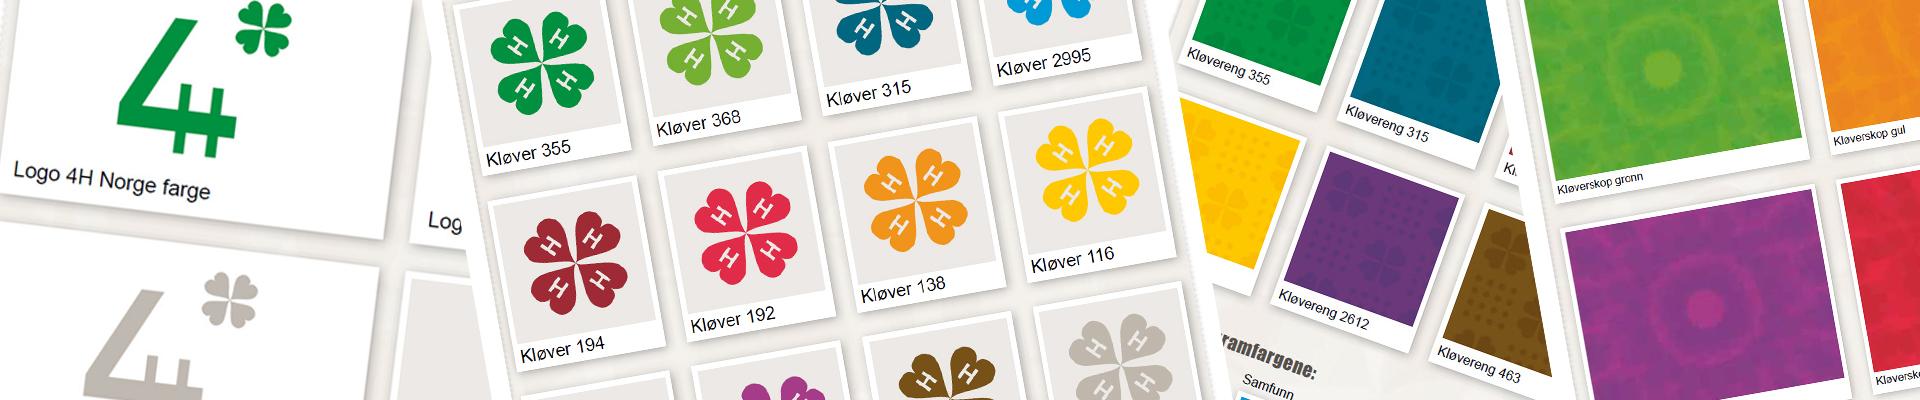 Illustrasjon 4H Norge sin grafiske profil